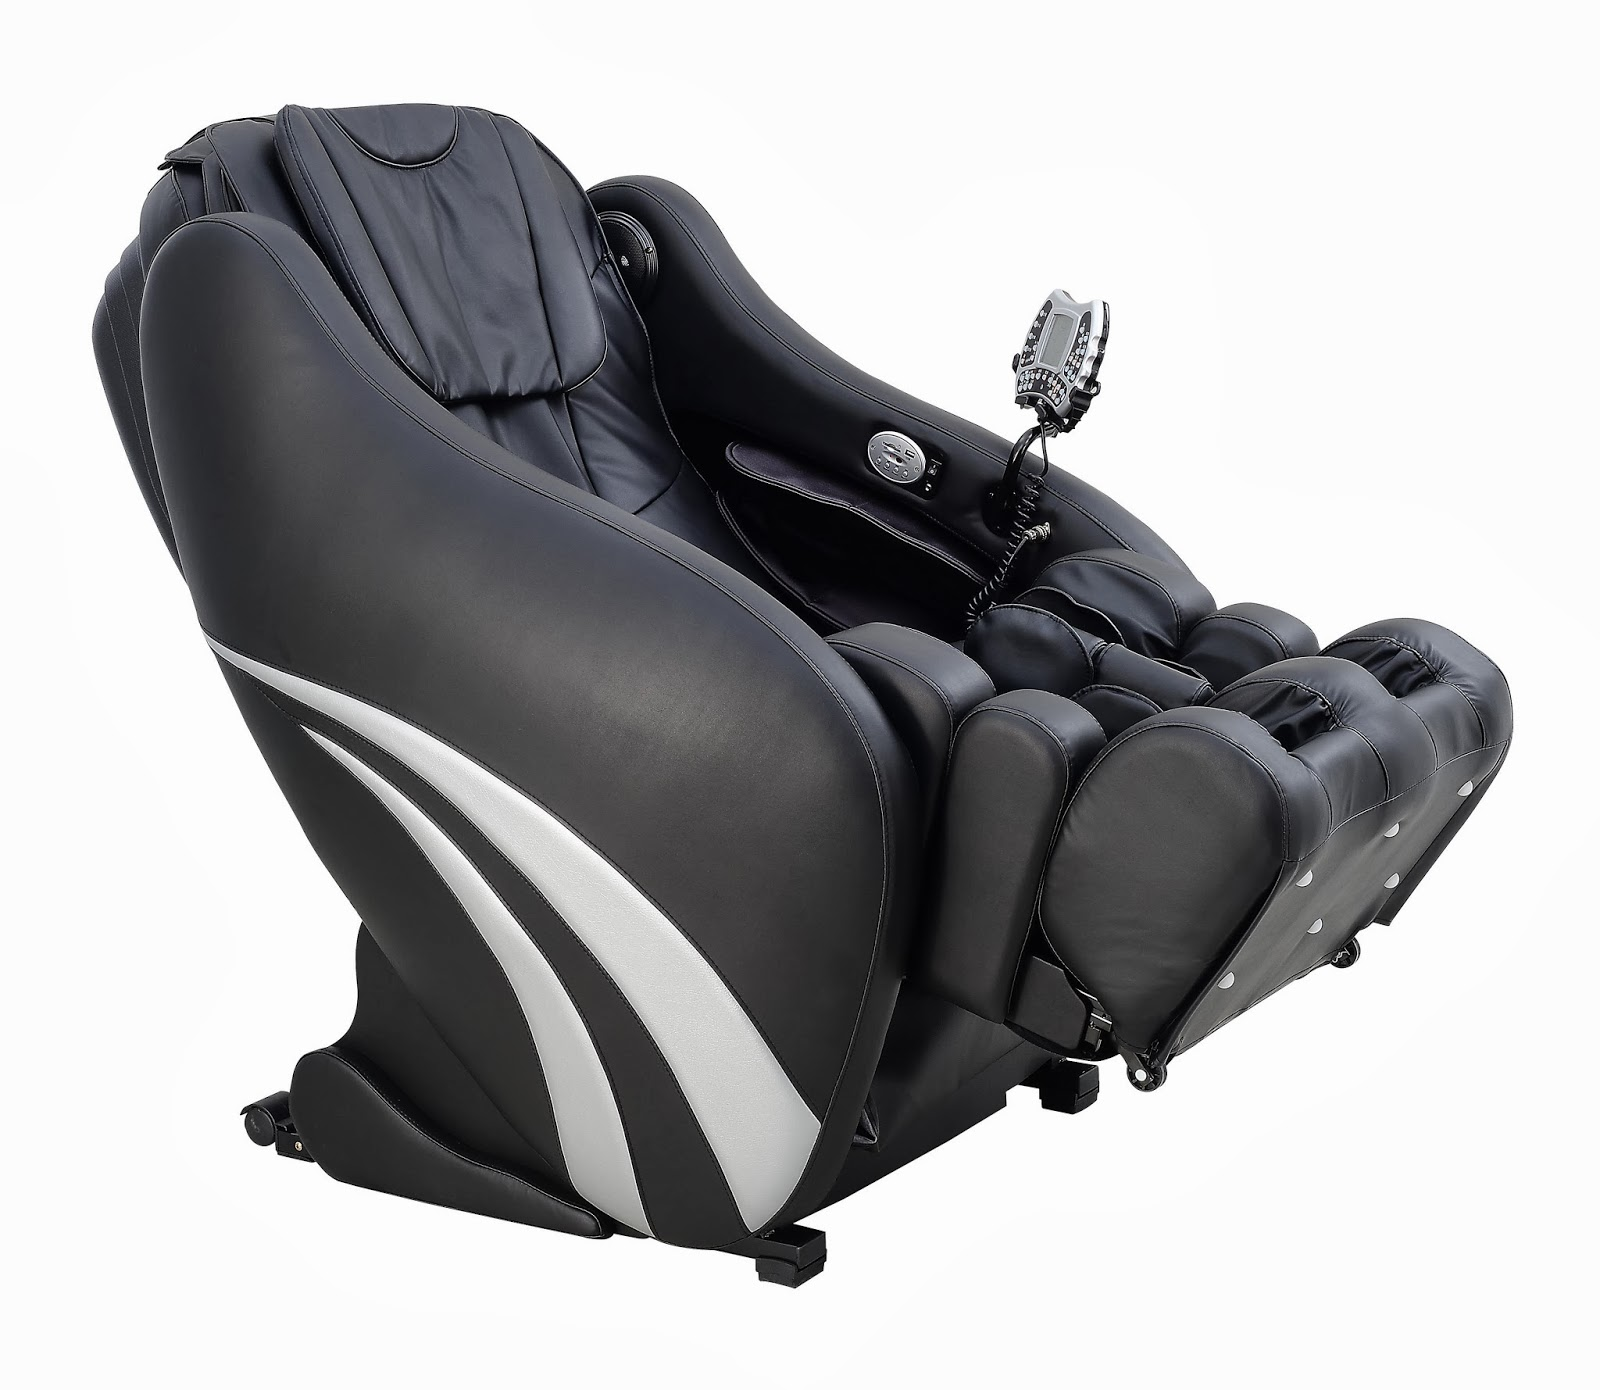 keyton massagesessel test und vergleich sonderpreis zum. Black Bedroom Furniture Sets. Home Design Ideas